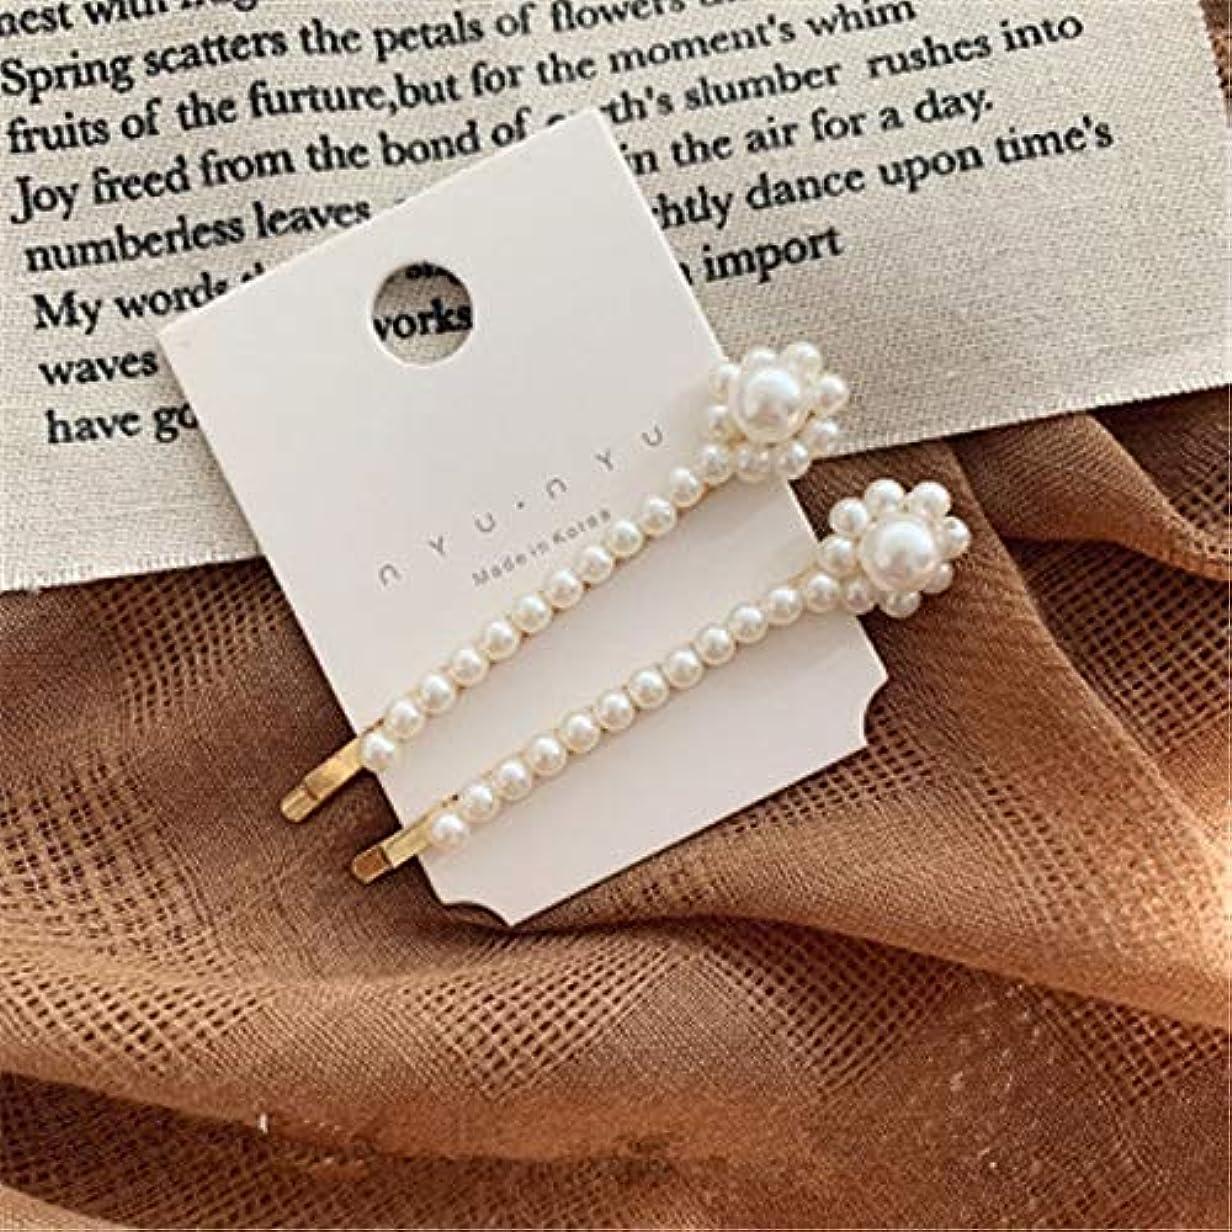 言い聞かせる男予測子フラワーヘアピンFlowerHairpin Yhm模造真珠の花ヘアピンヴィンテージロングバレットヘアクリップクリスタルメタルヘアアクセサリーヘアグリップ (色 : Color12)